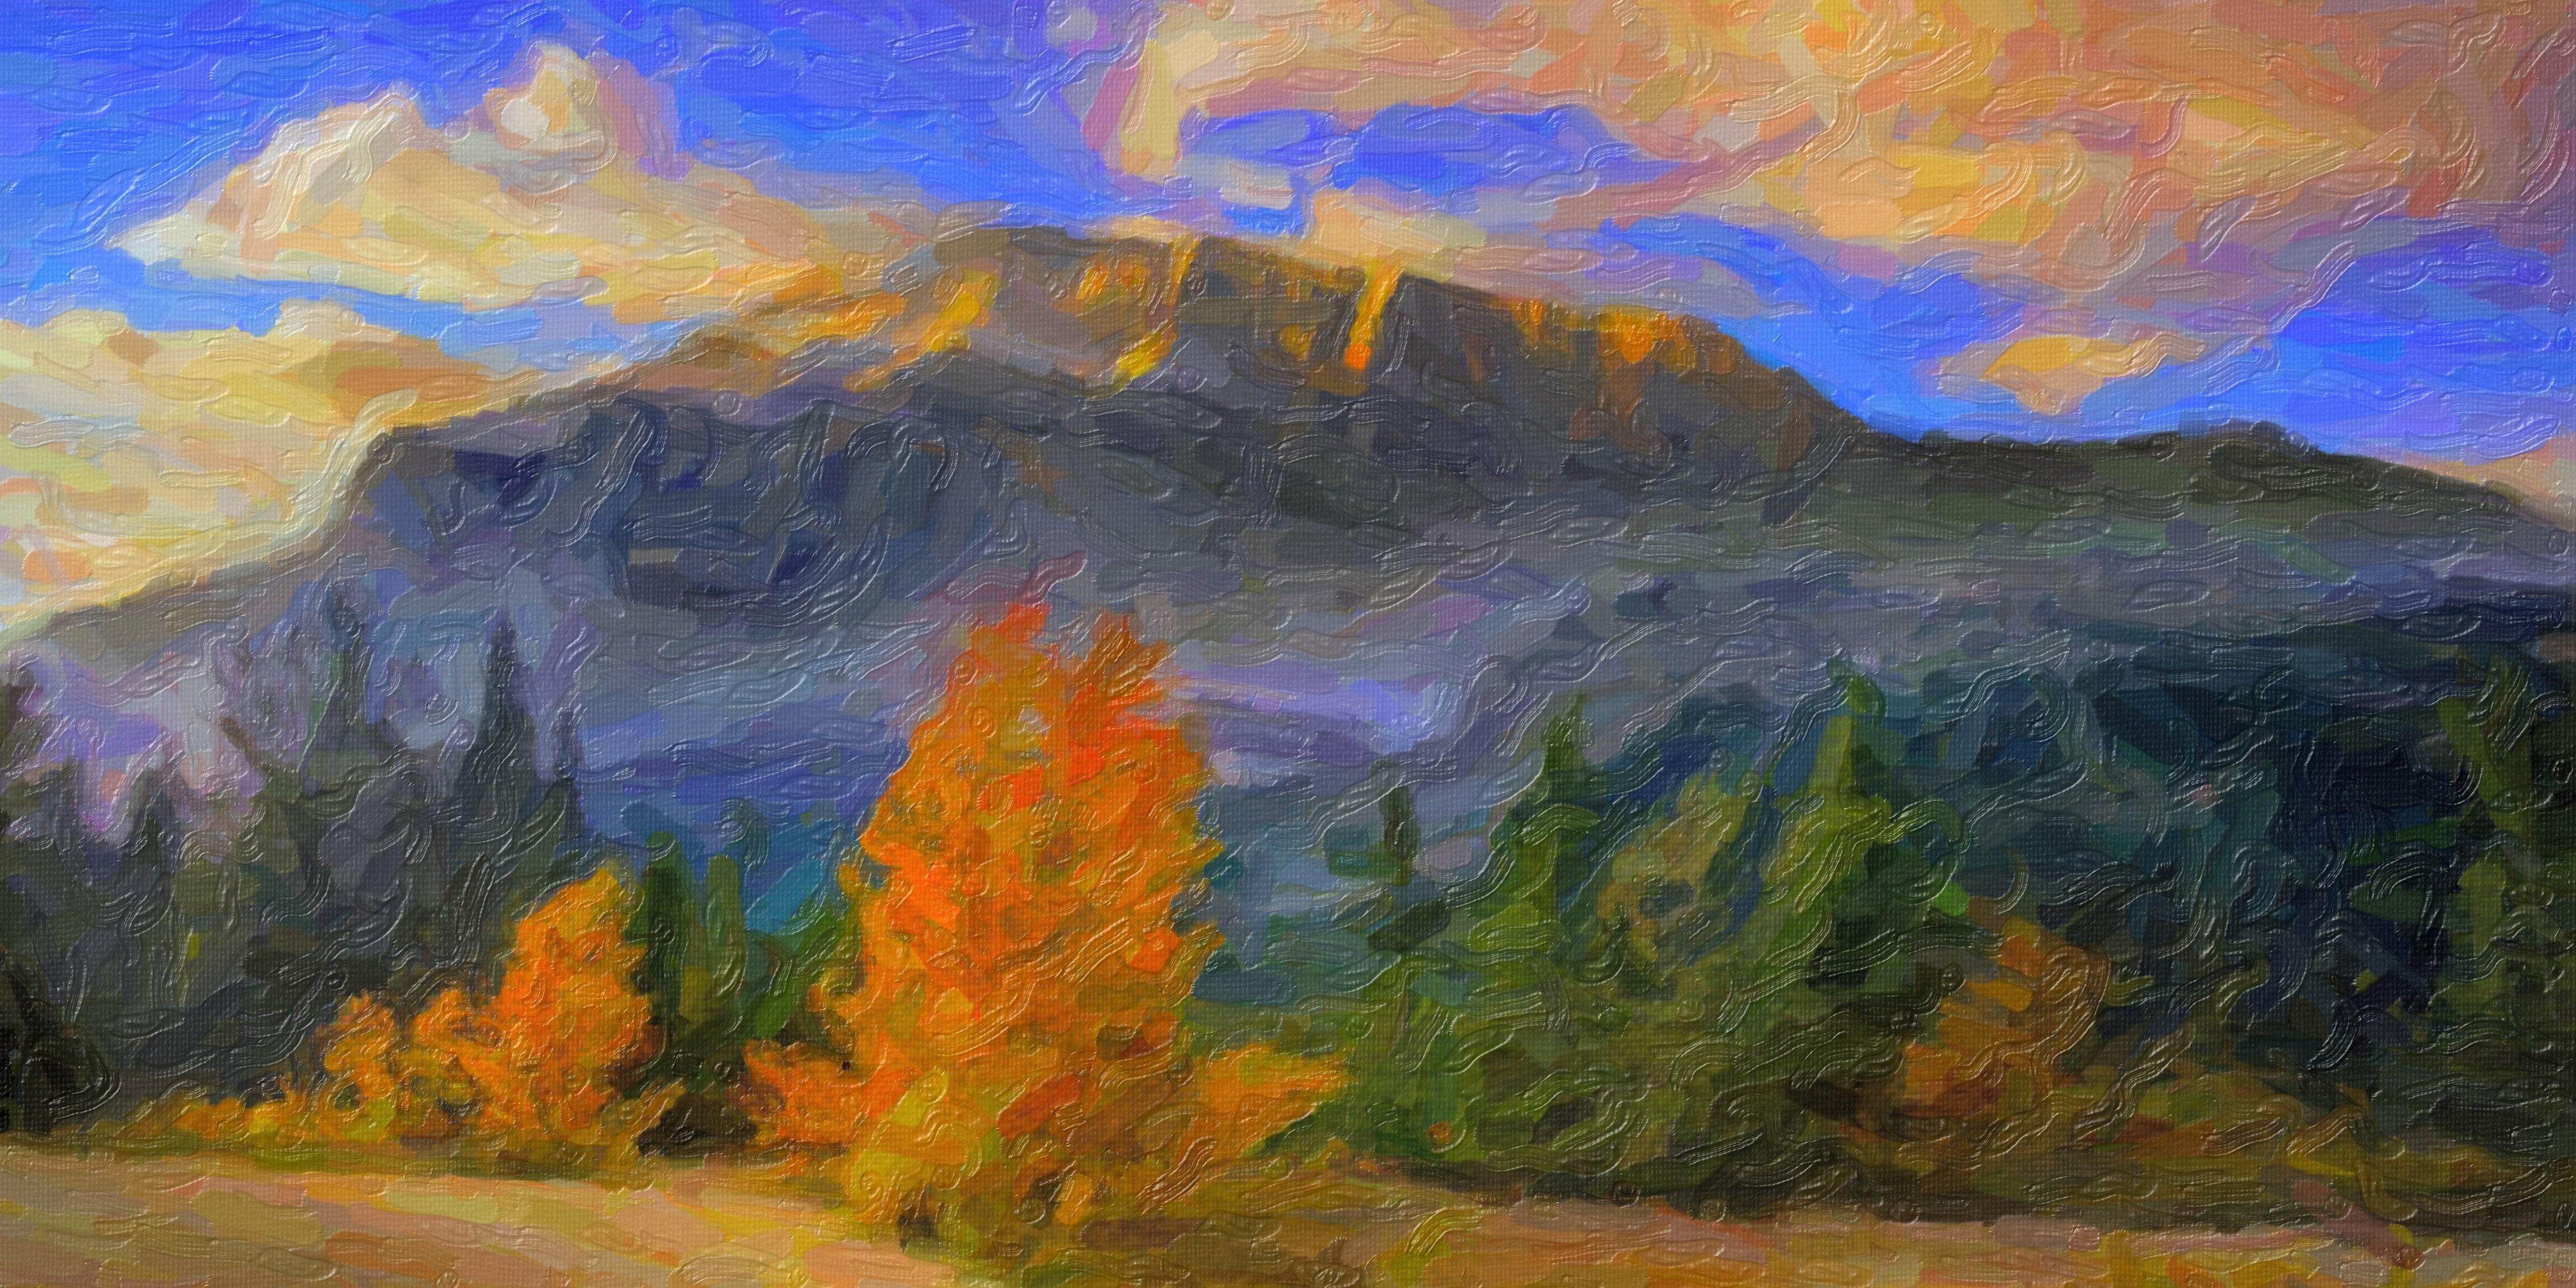 Images gratuites montagne l 39 automne terrain la peinture le paysage peinture l 39 huile - Paysage peinture facile ...